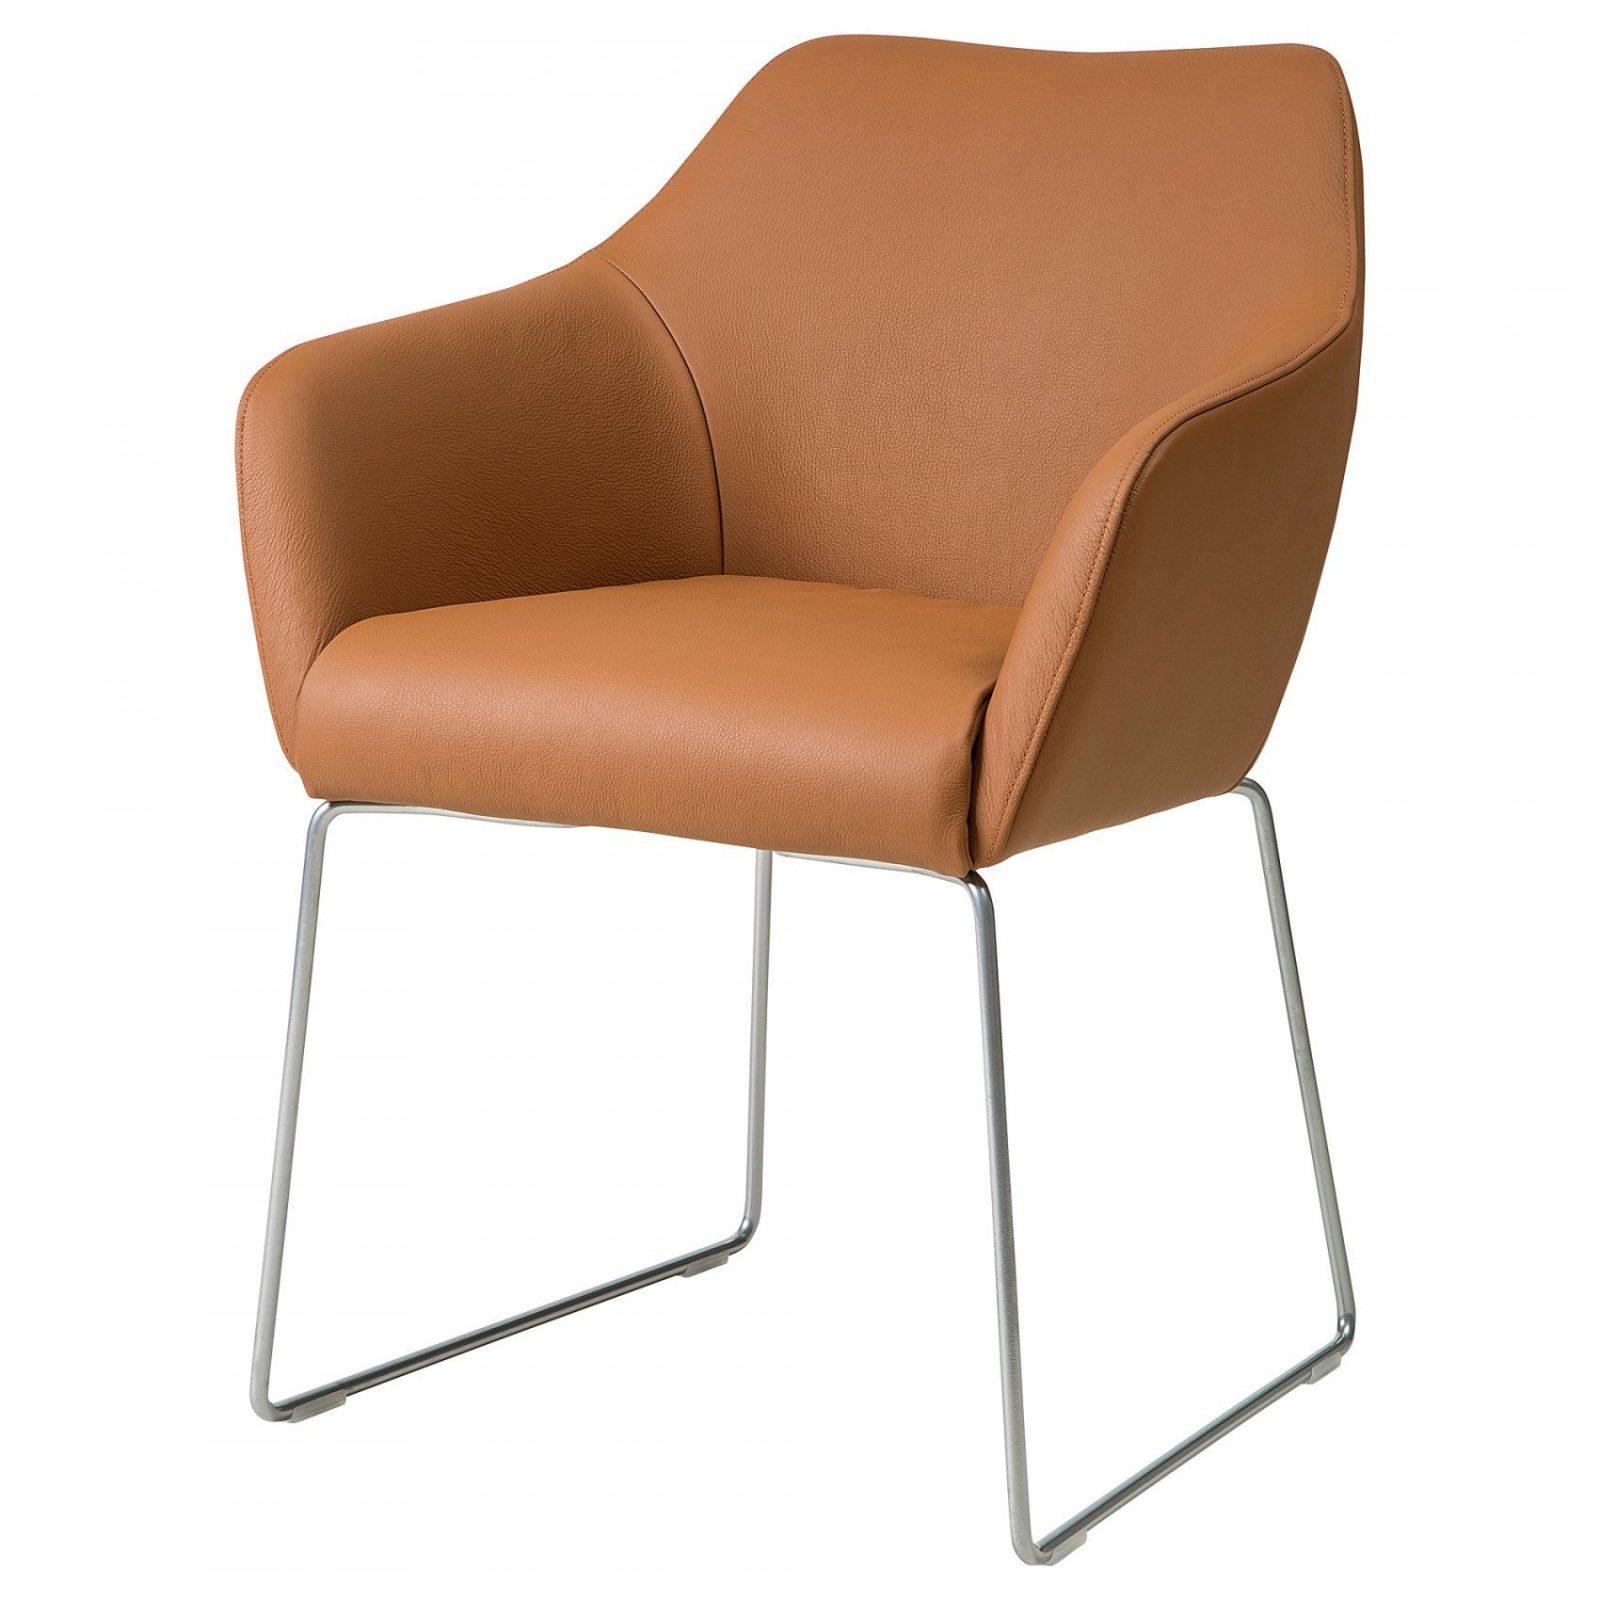 Esszimmer Erregend Roller Stühle Esszimmer Design Aufregend von Ikea Stühle Mit Armlehne Bild